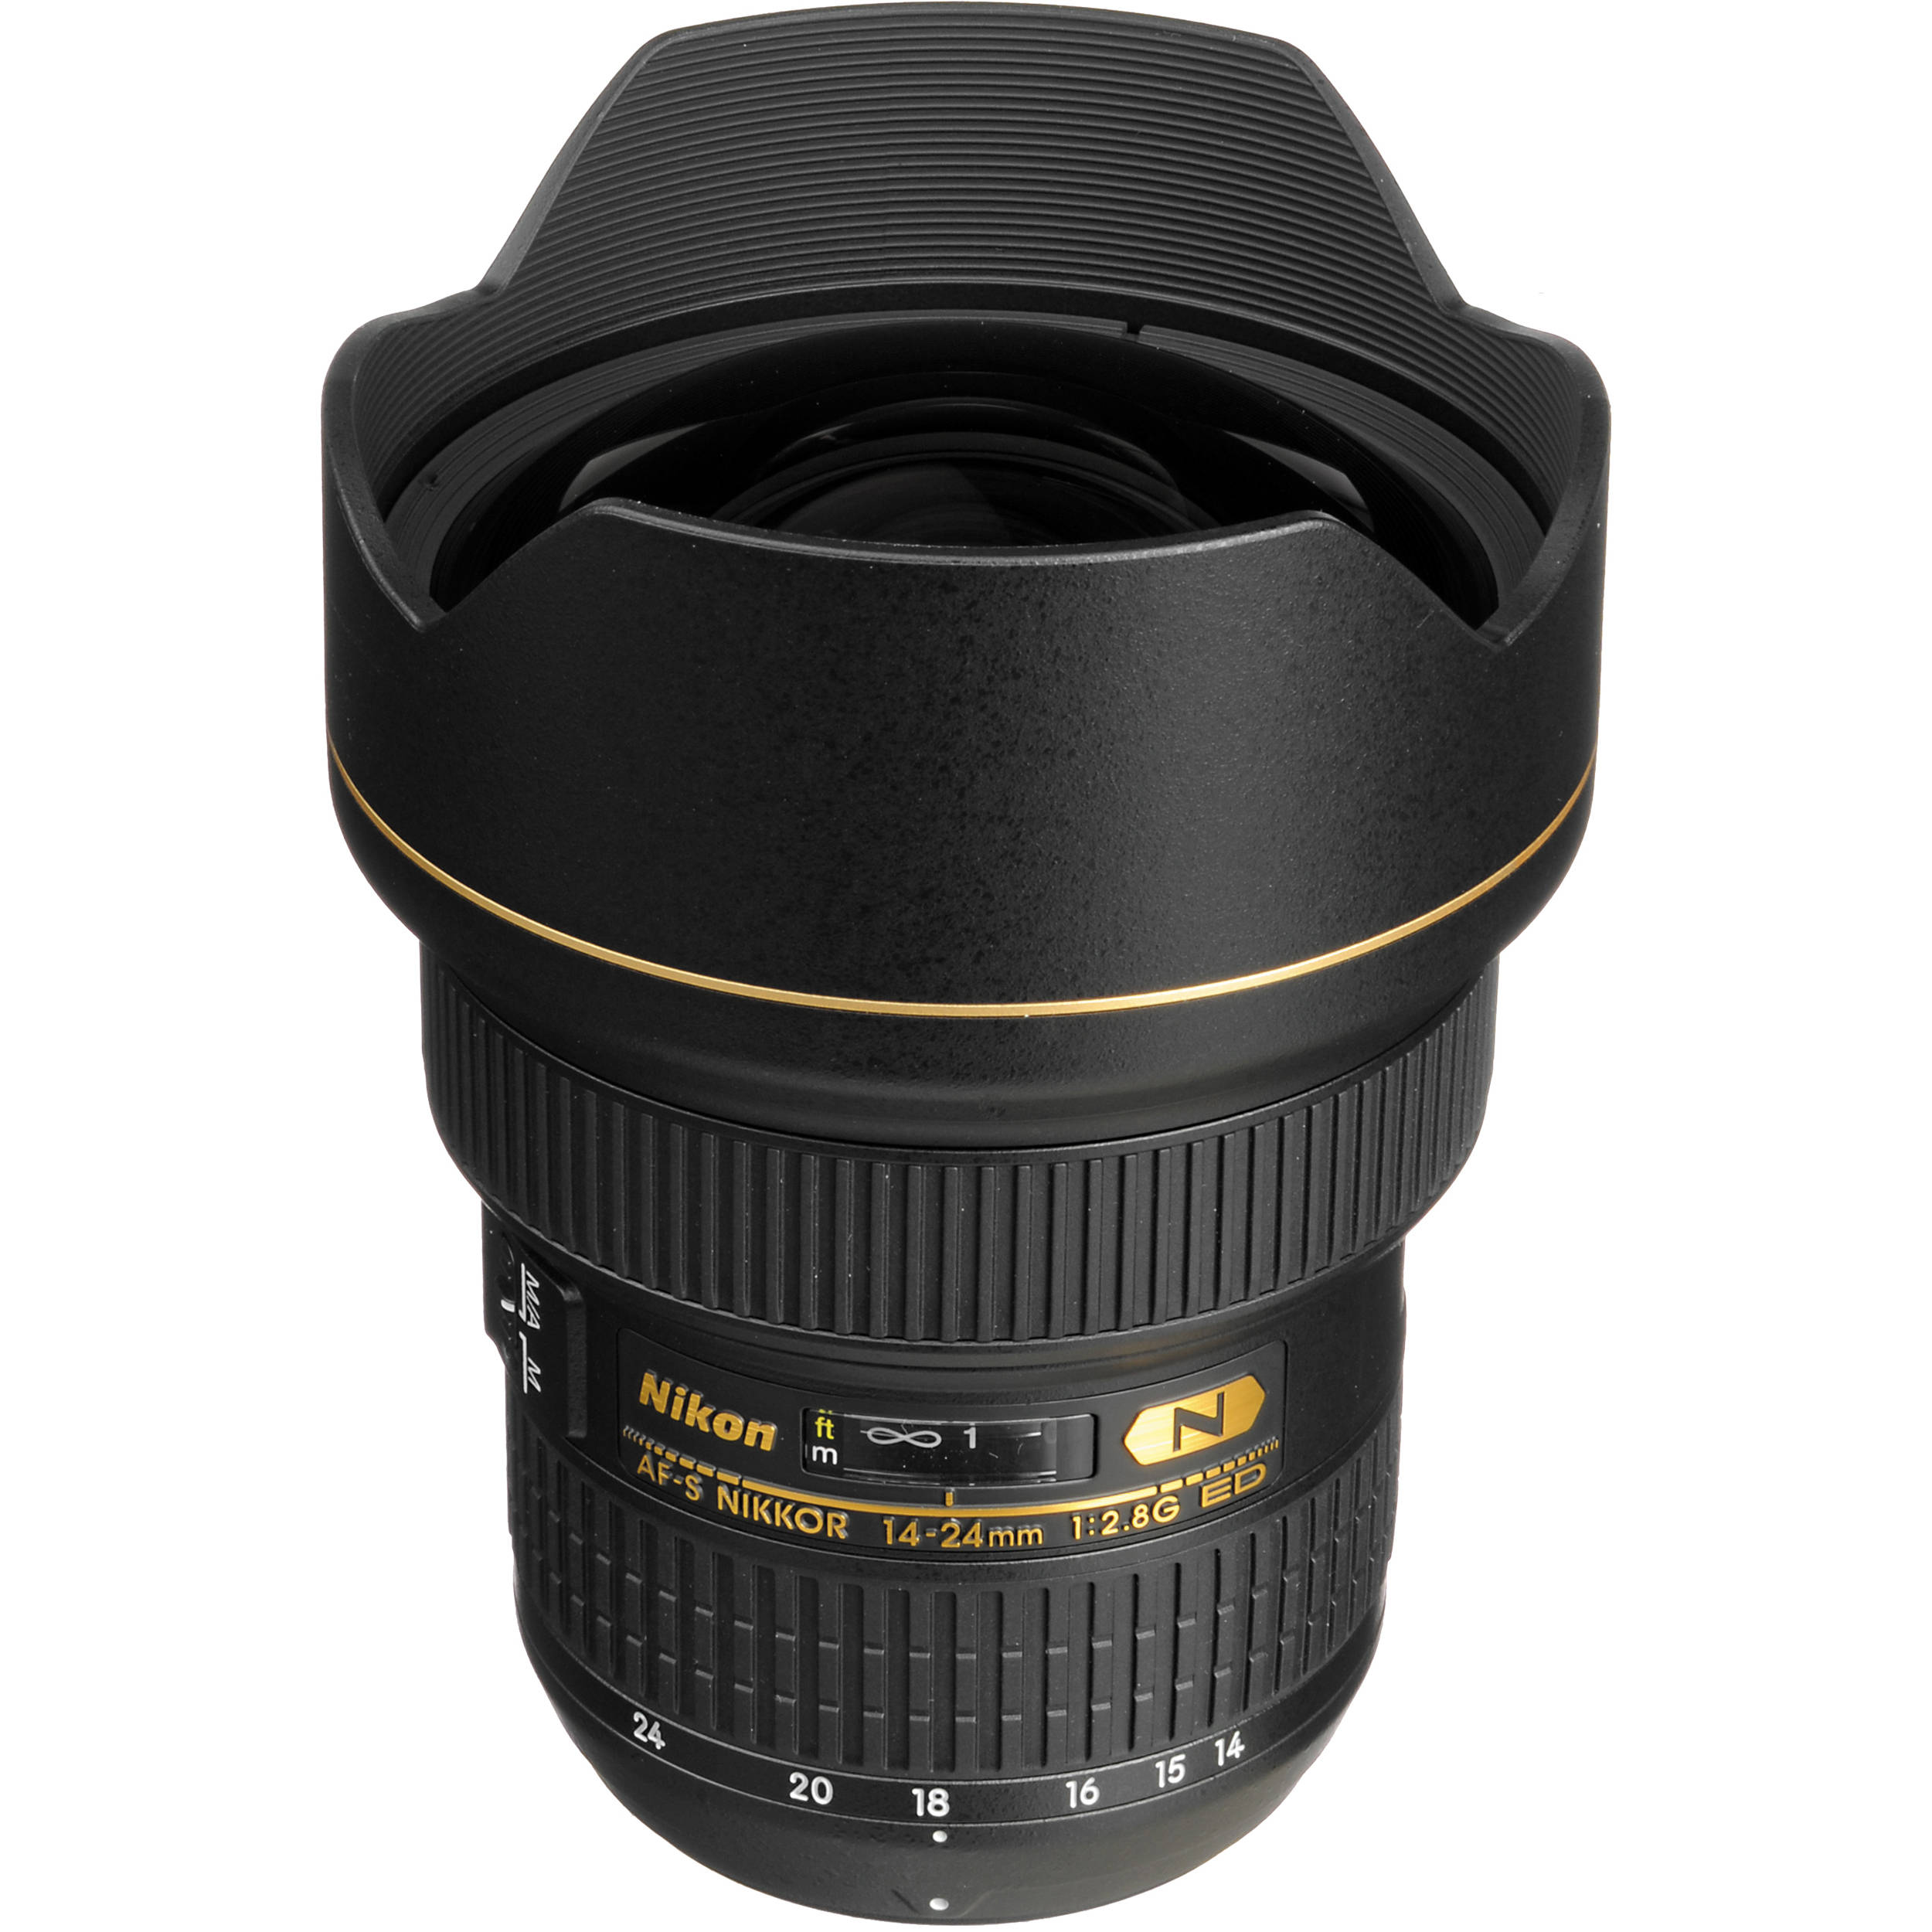 e3edd523a2b3 Nikon AF-S NIKKOR 14-24mm f 2.8G ED Lens 2163 B H Photo Video